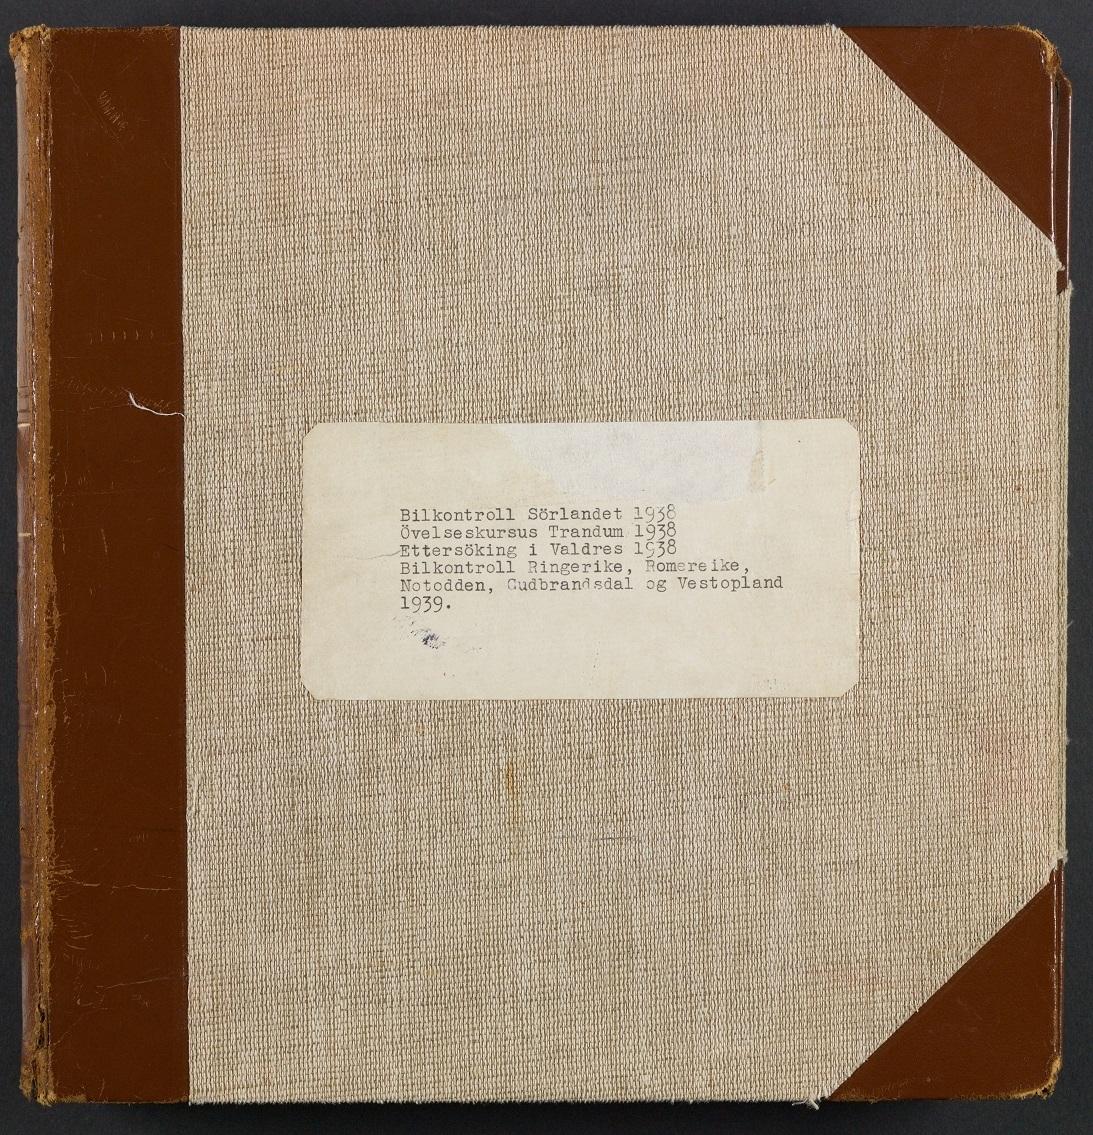 Kvadratisk, beige album med ringpermsystem. Fotografiene er limt på sorte sider i papp. Maskinskrevne bildetektser på hvite papirremser. Rygg og hjørner i brunt skinn.